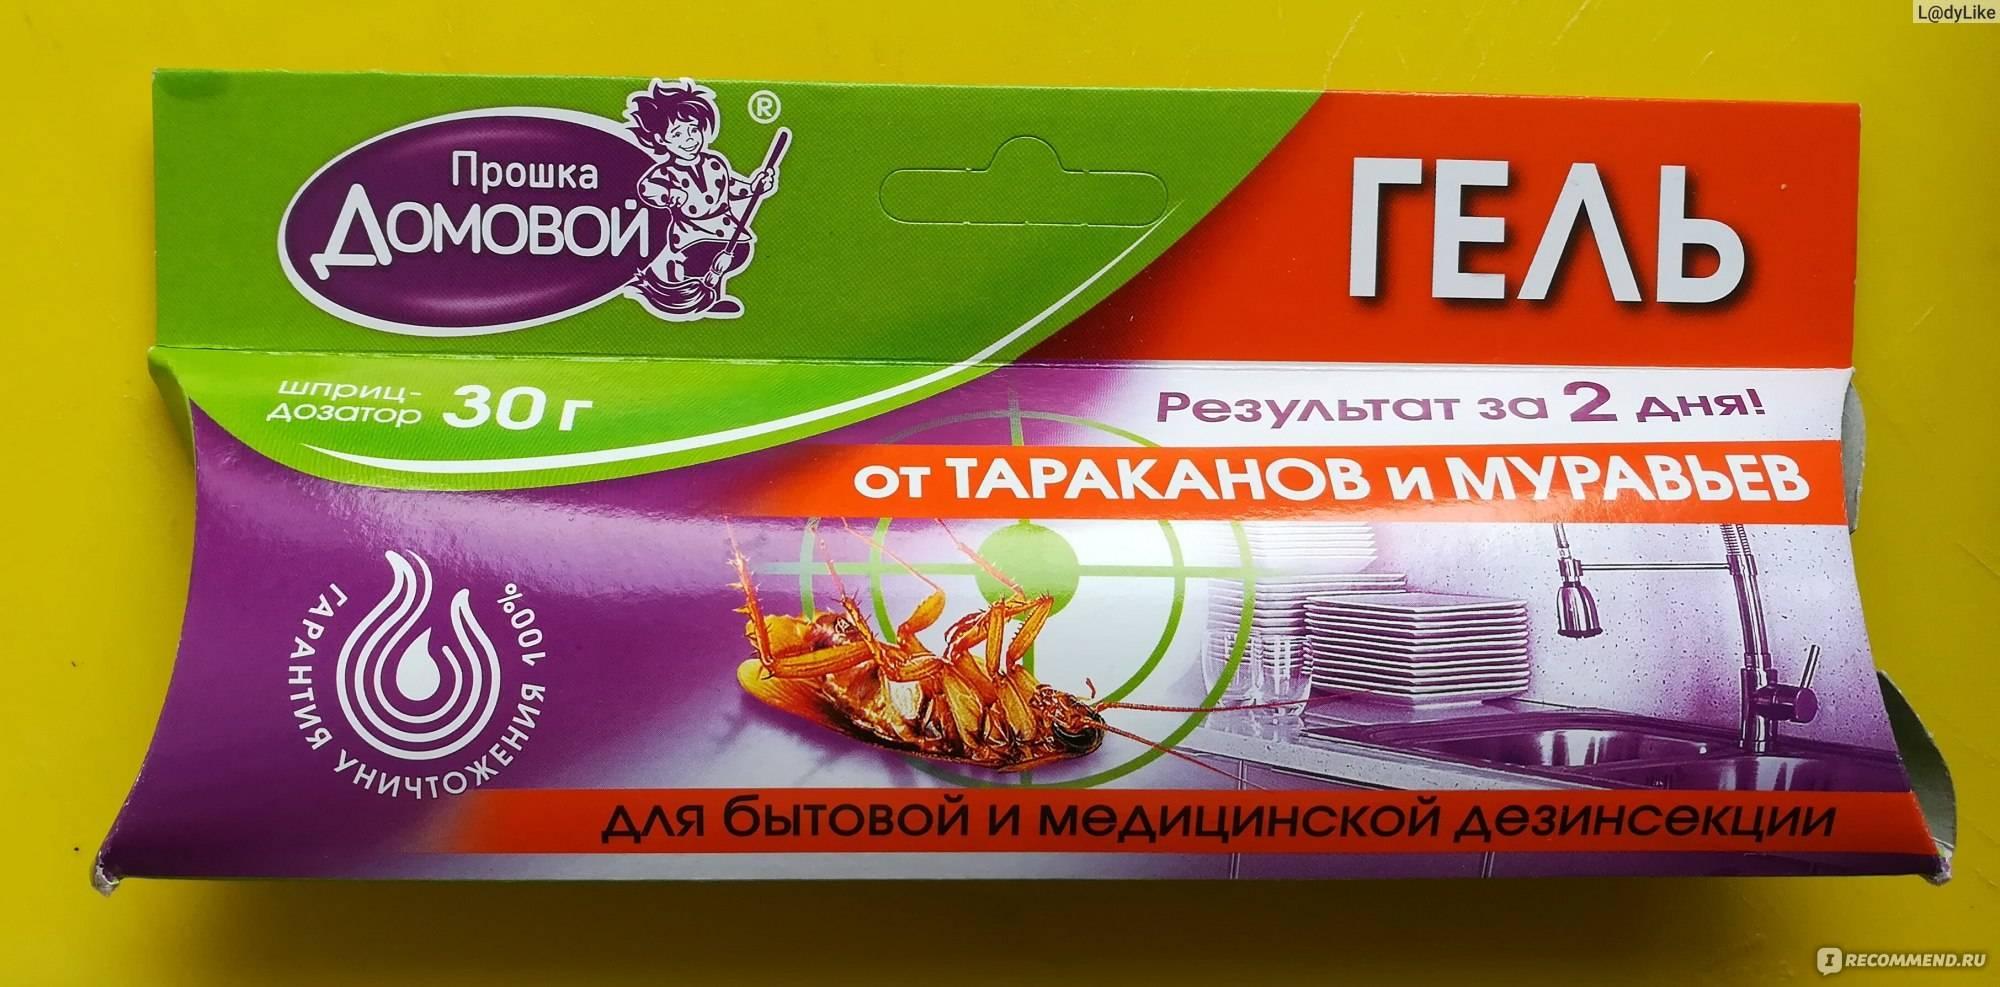 Гель домовой от тараканов — действие, эффективность, инструкция, меры безопасности